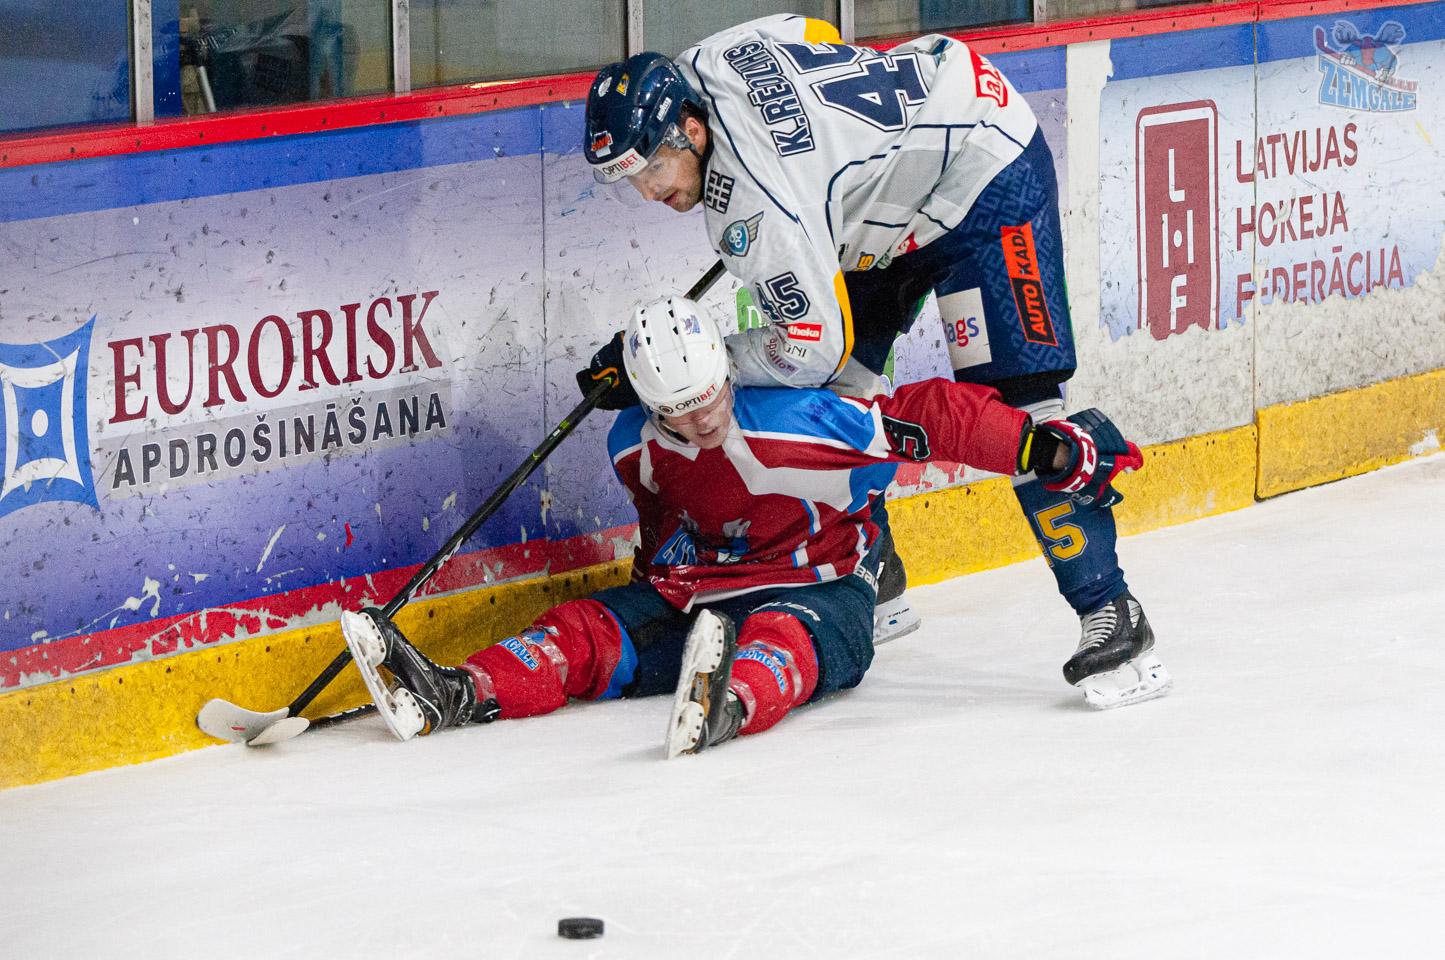 Hokejists ar elkoni spiež otru hokejistu pie ledus